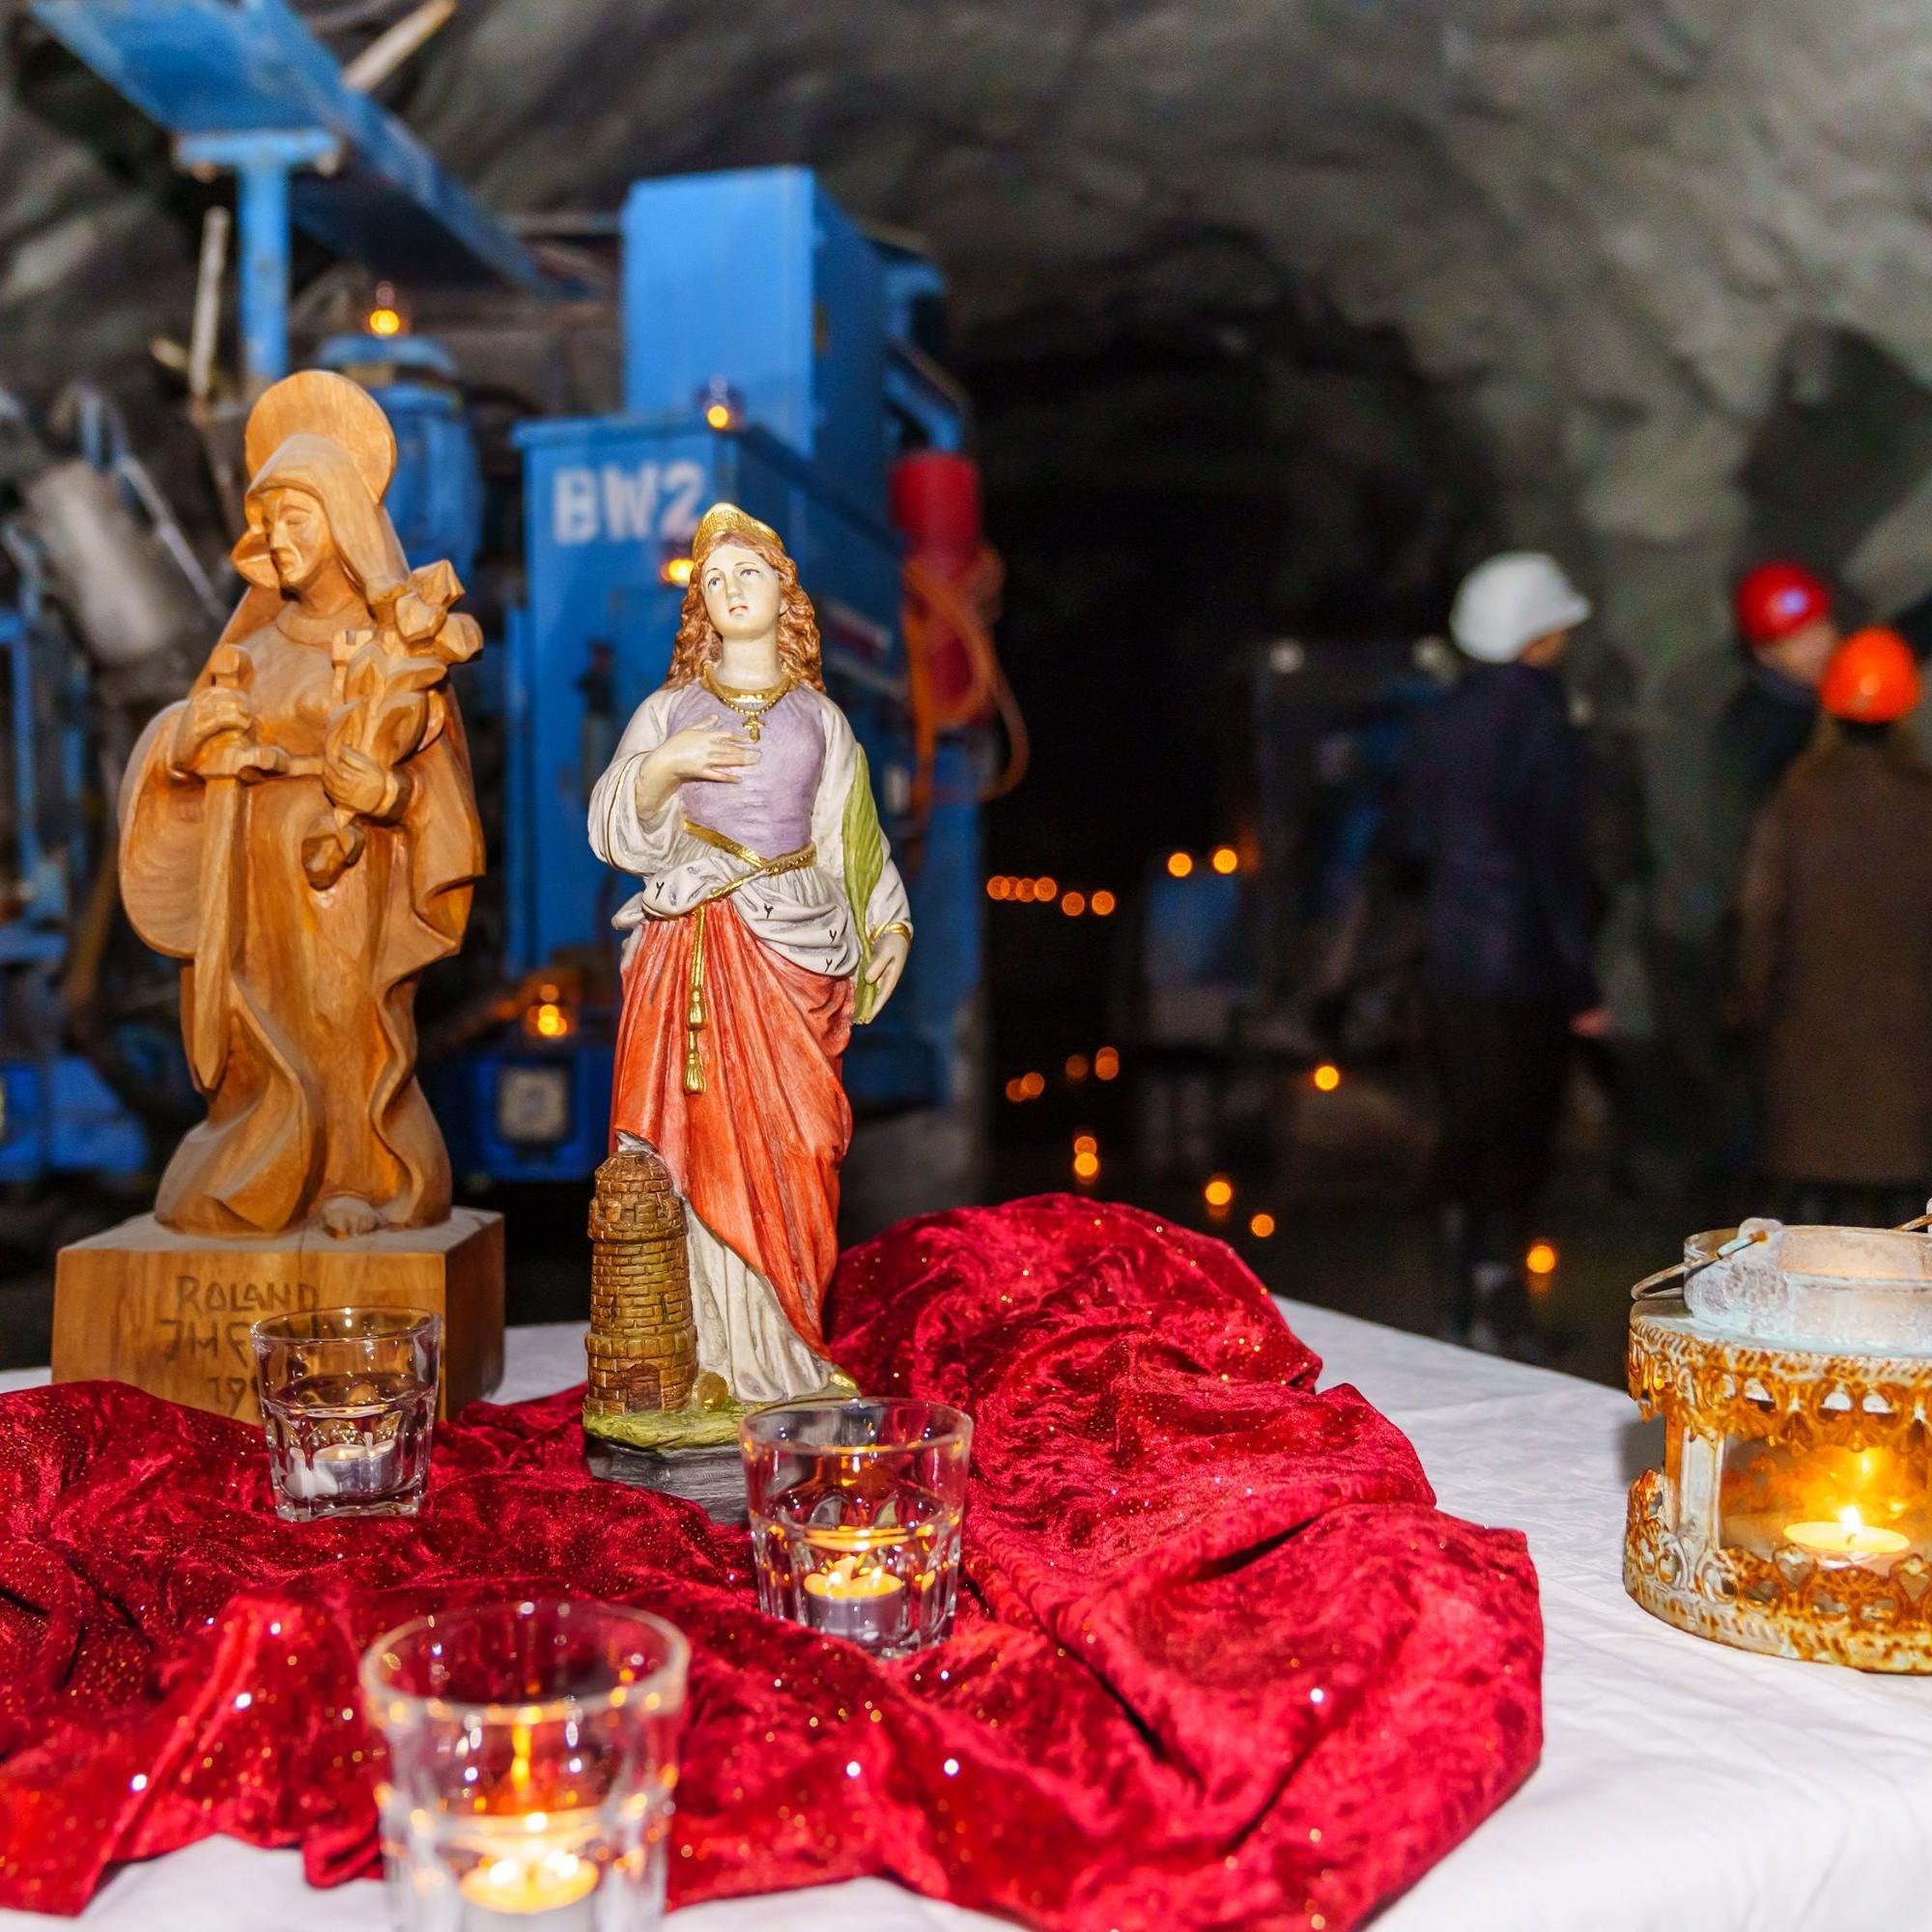 Gestern feierten die Mineure zu Ehren der Heiligen Barbara eine Andacht und liessen die Arbeiten ruhen.